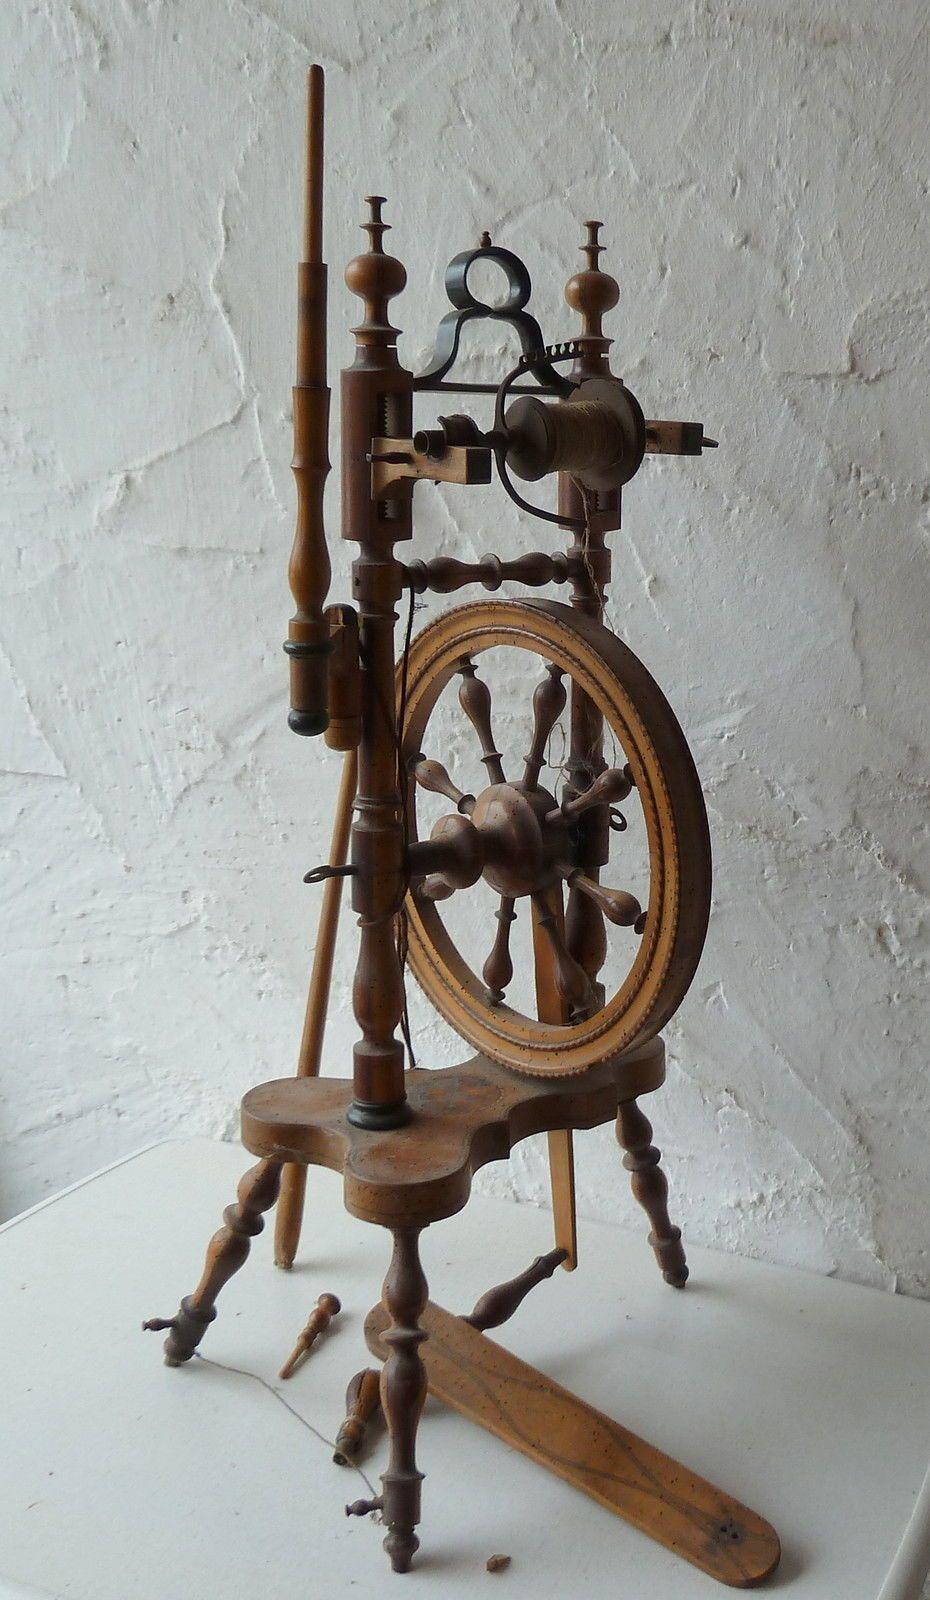 Antikes Spinnrad Antique Spinning Wheel Spinning Wheel Spinning Yarn Hand Spinning